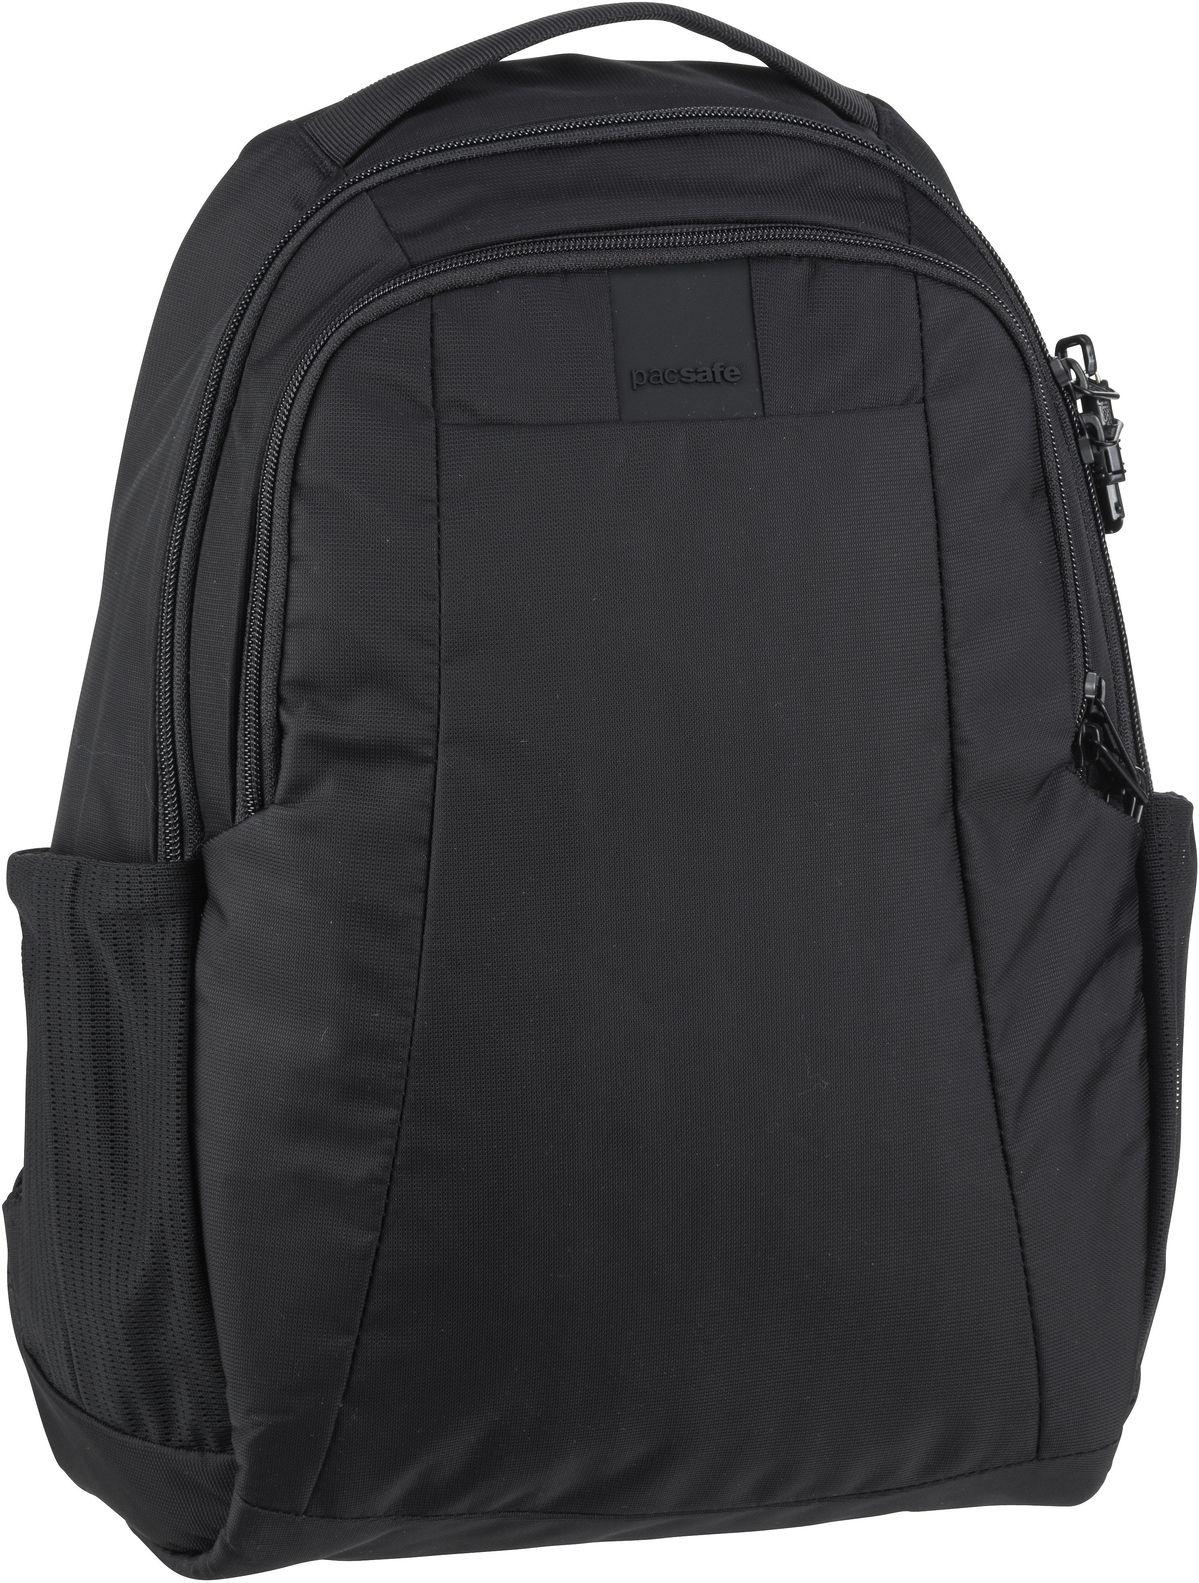 Laptoprucksack Metrosafe LS350 Backpack Black (15 Liter)